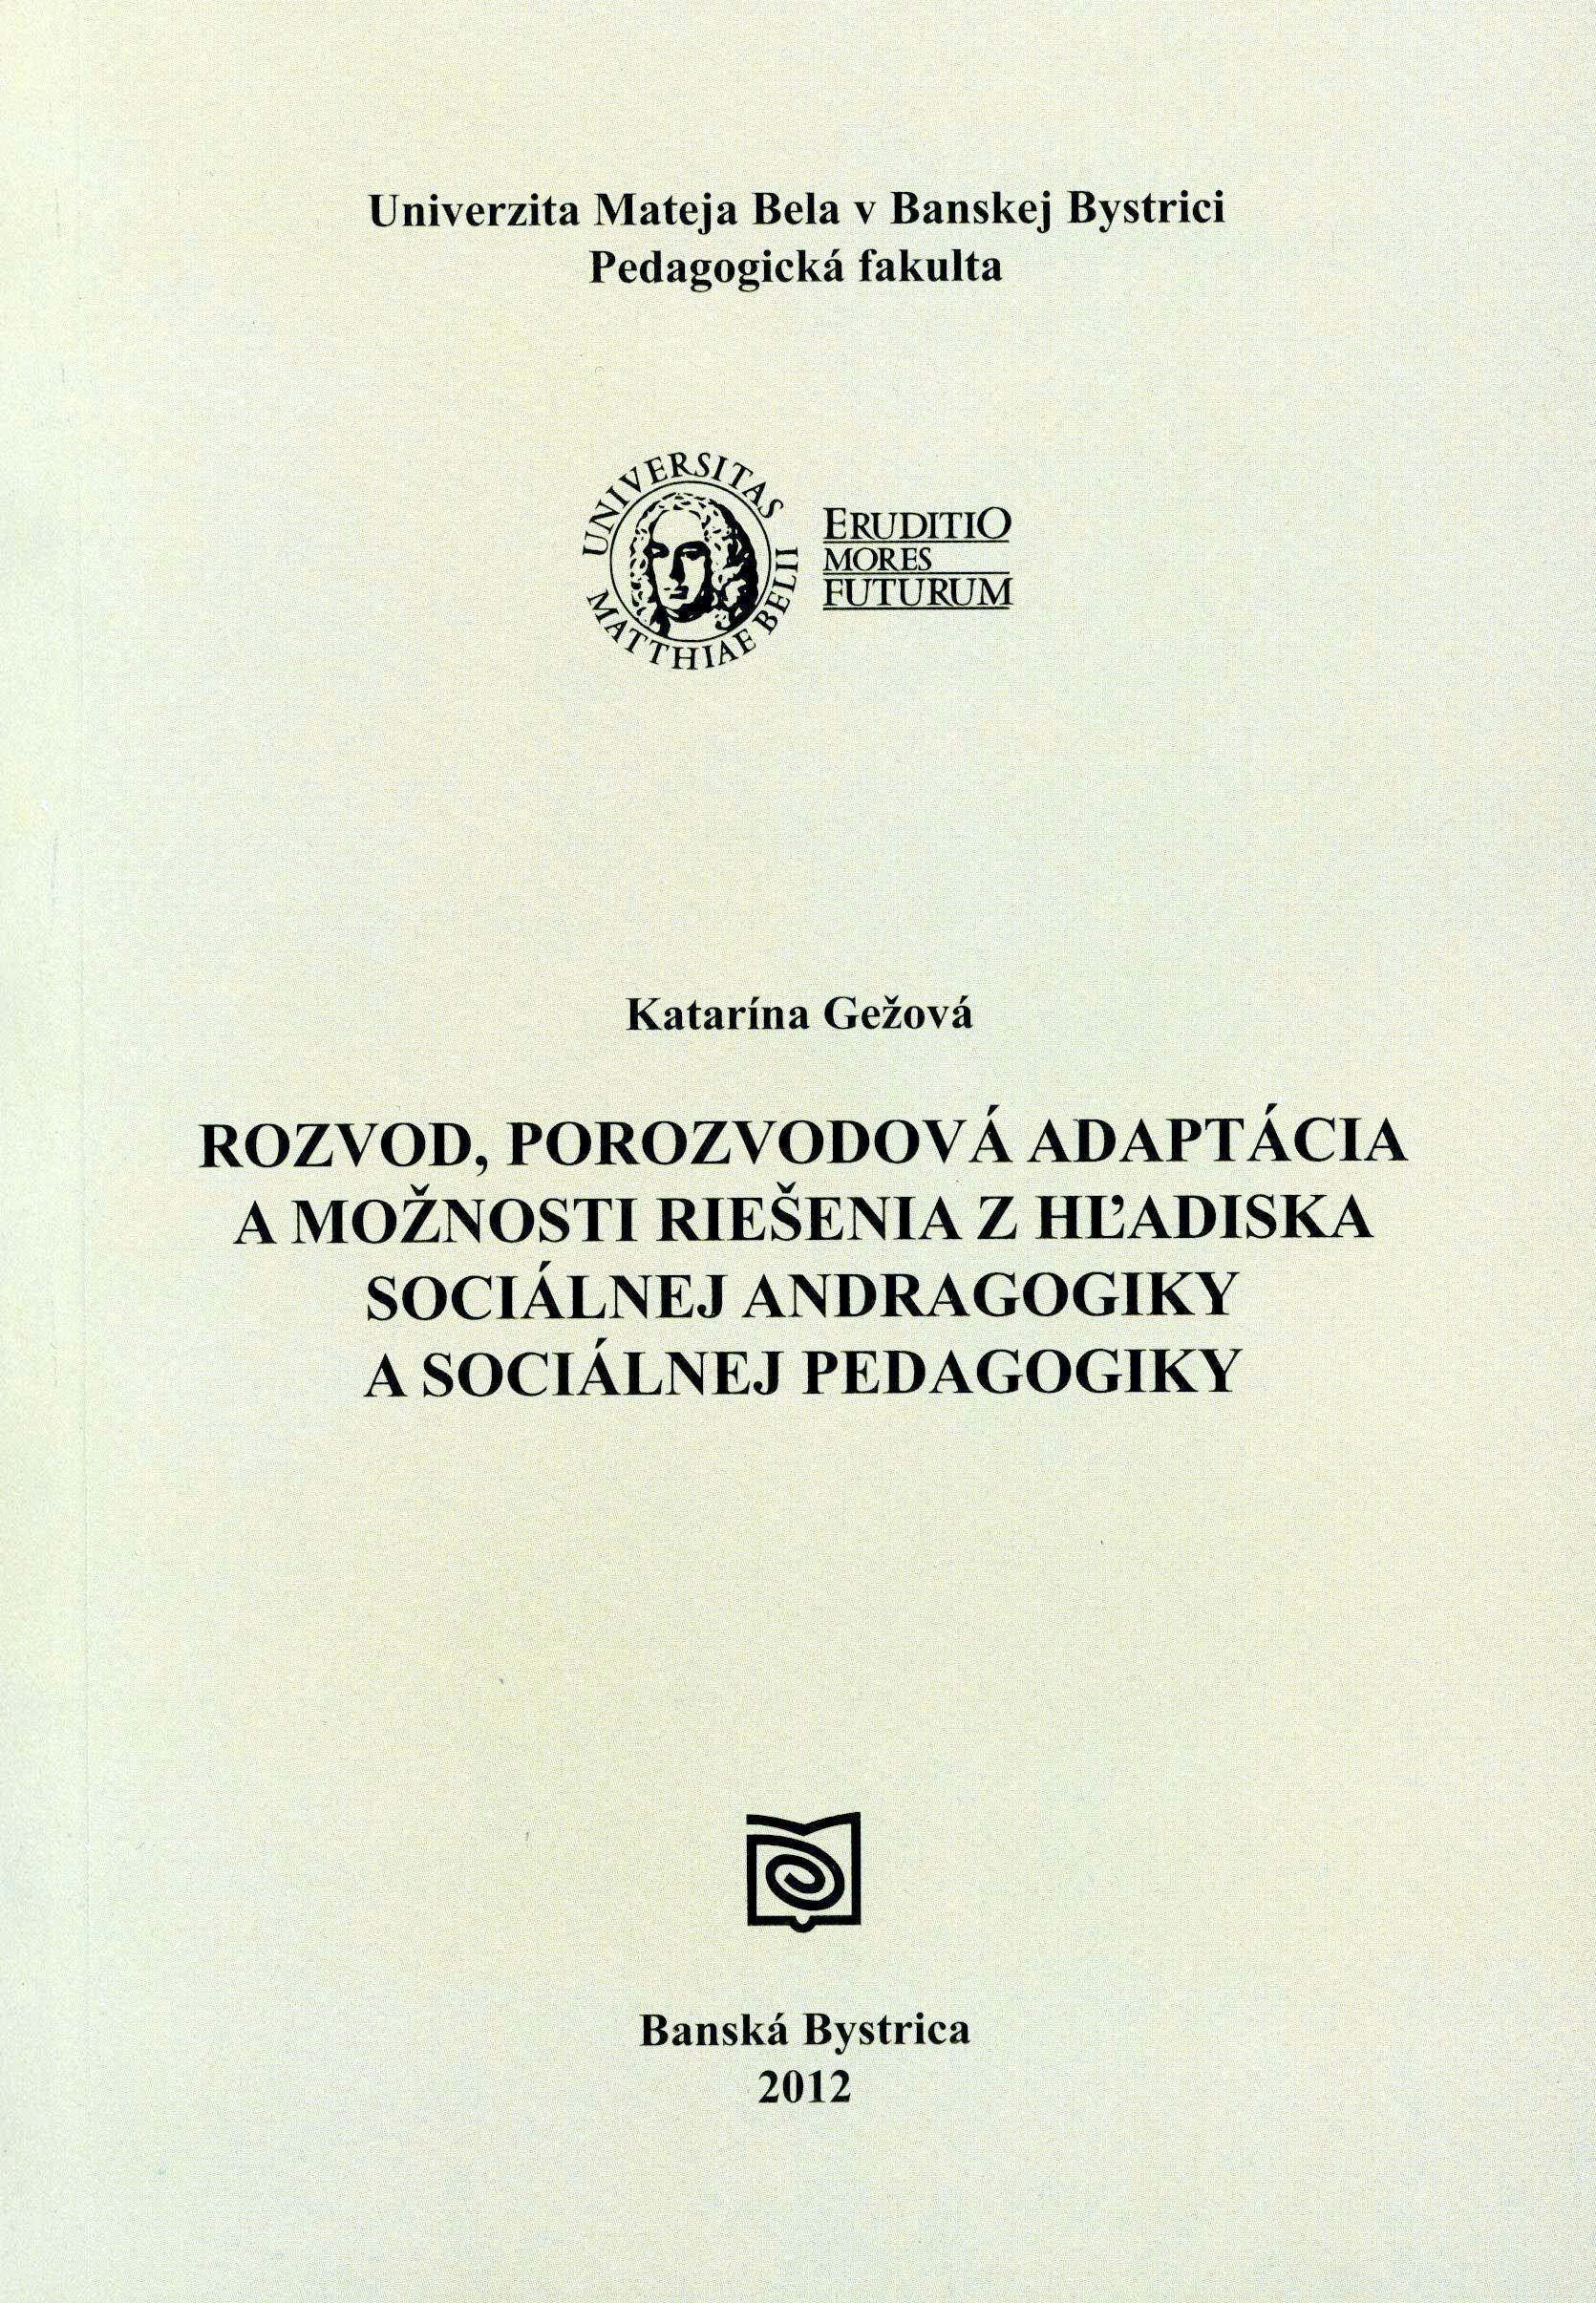 Rozvod, porozvodová adaptácia a možnosti riešenia z hľadiska sociálnej andragogiky a sociálnej pedagogiky